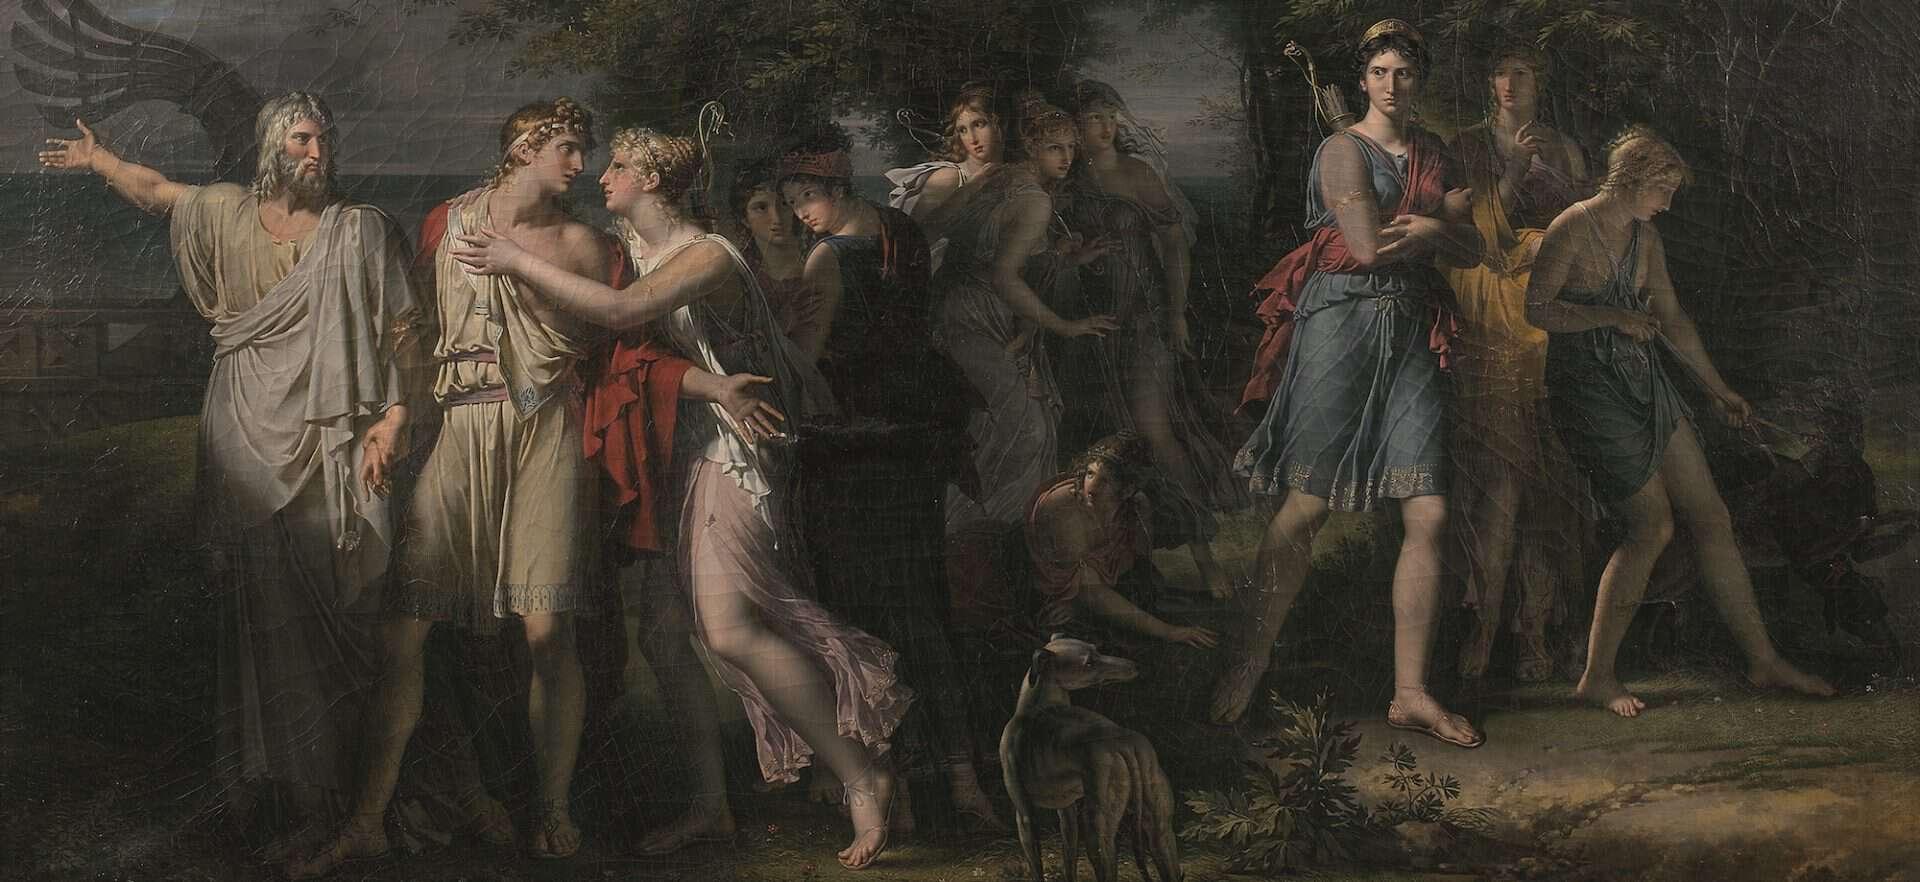 Le Tableau Redecouvert D Un Maitre Du Neoclassicisme Aux Encheres Auctionlab